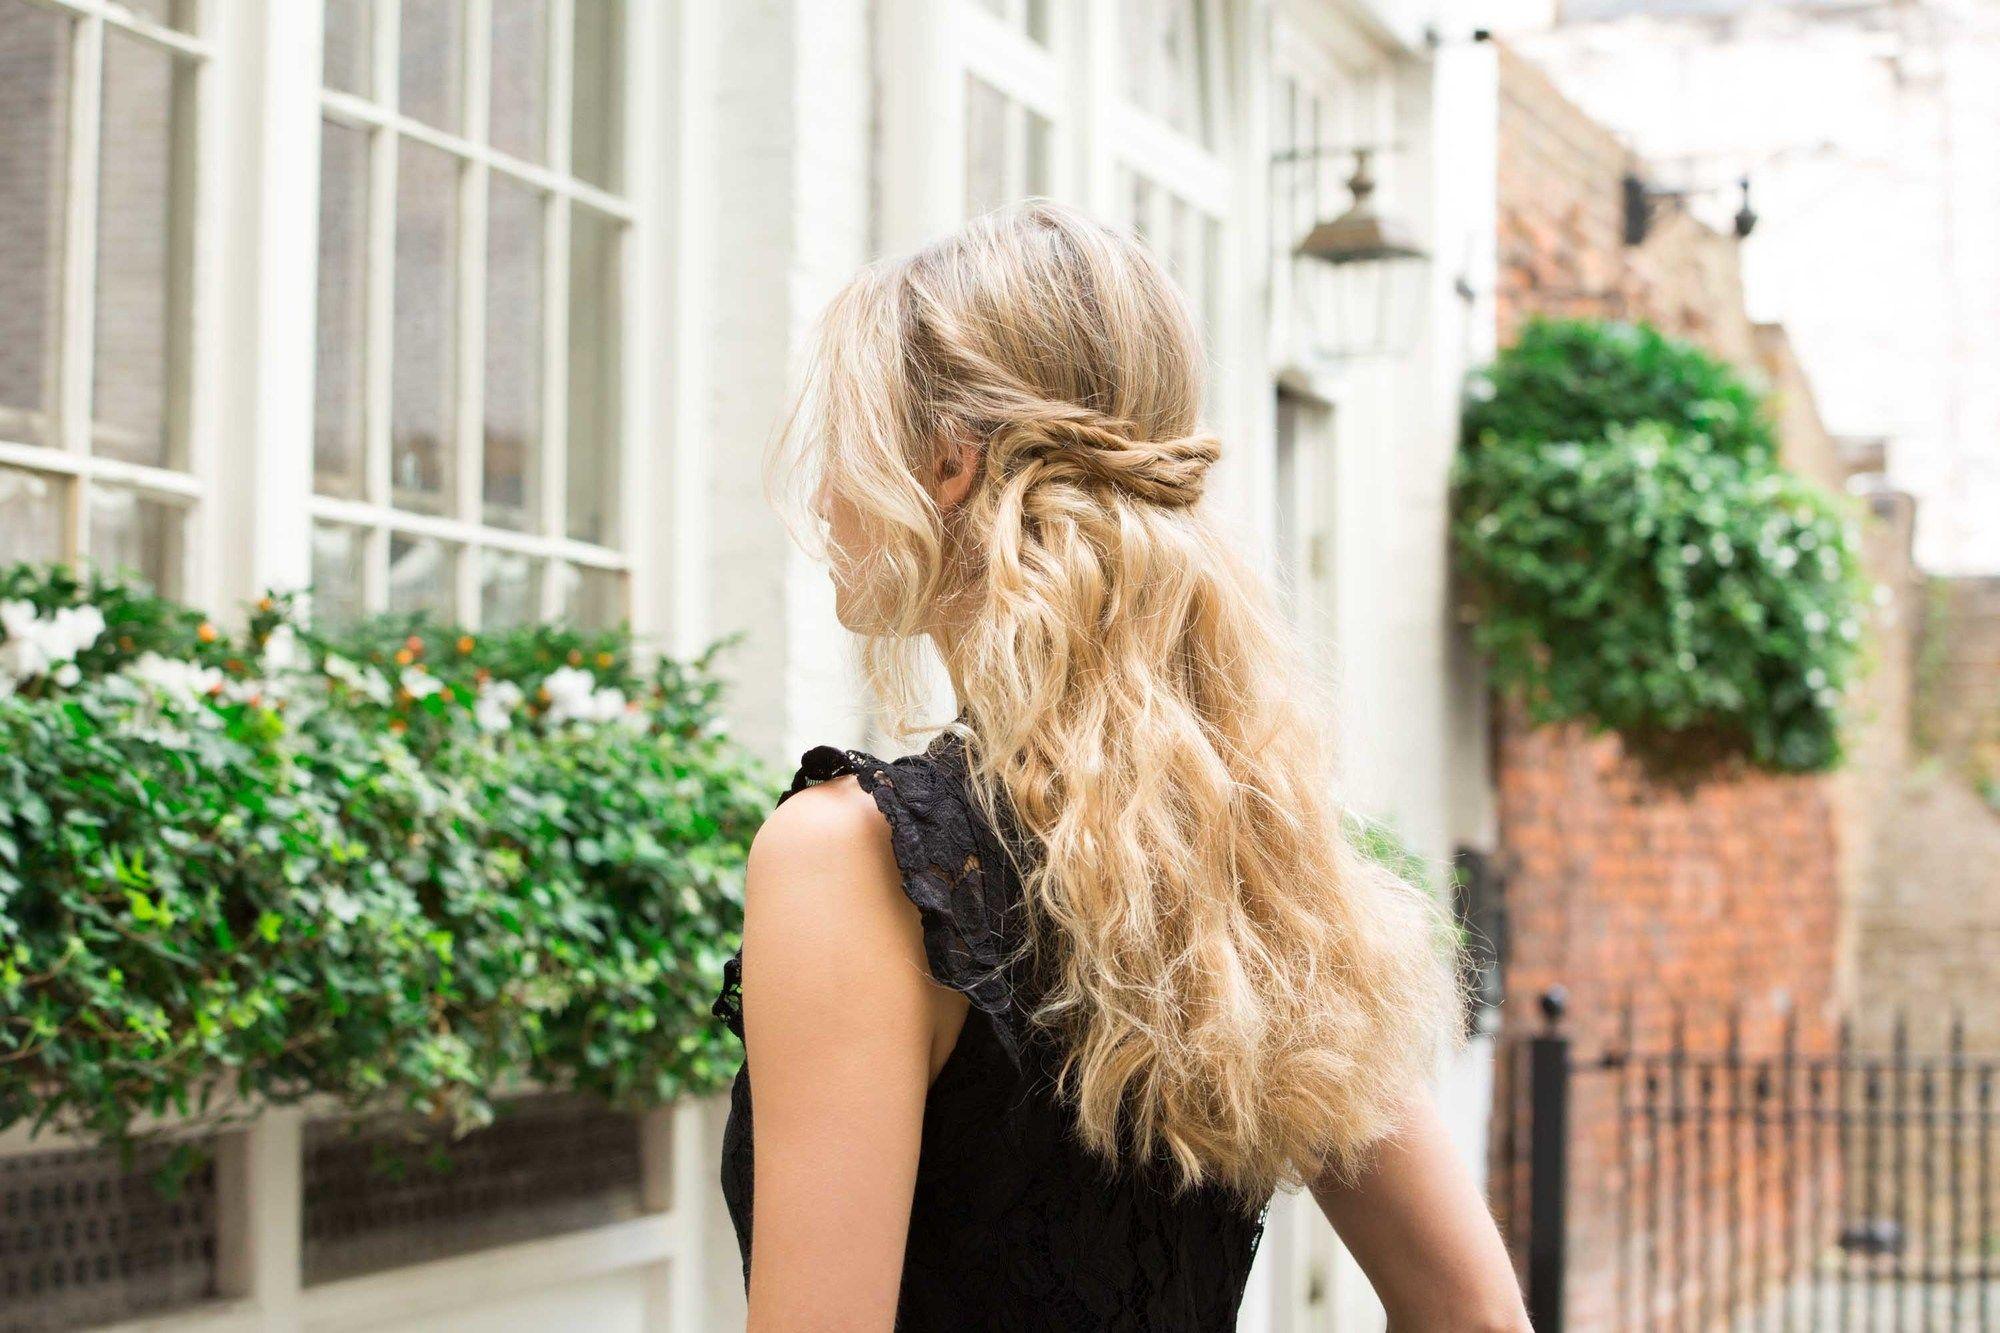 modelo com um dos penteados para cabelos oleosos